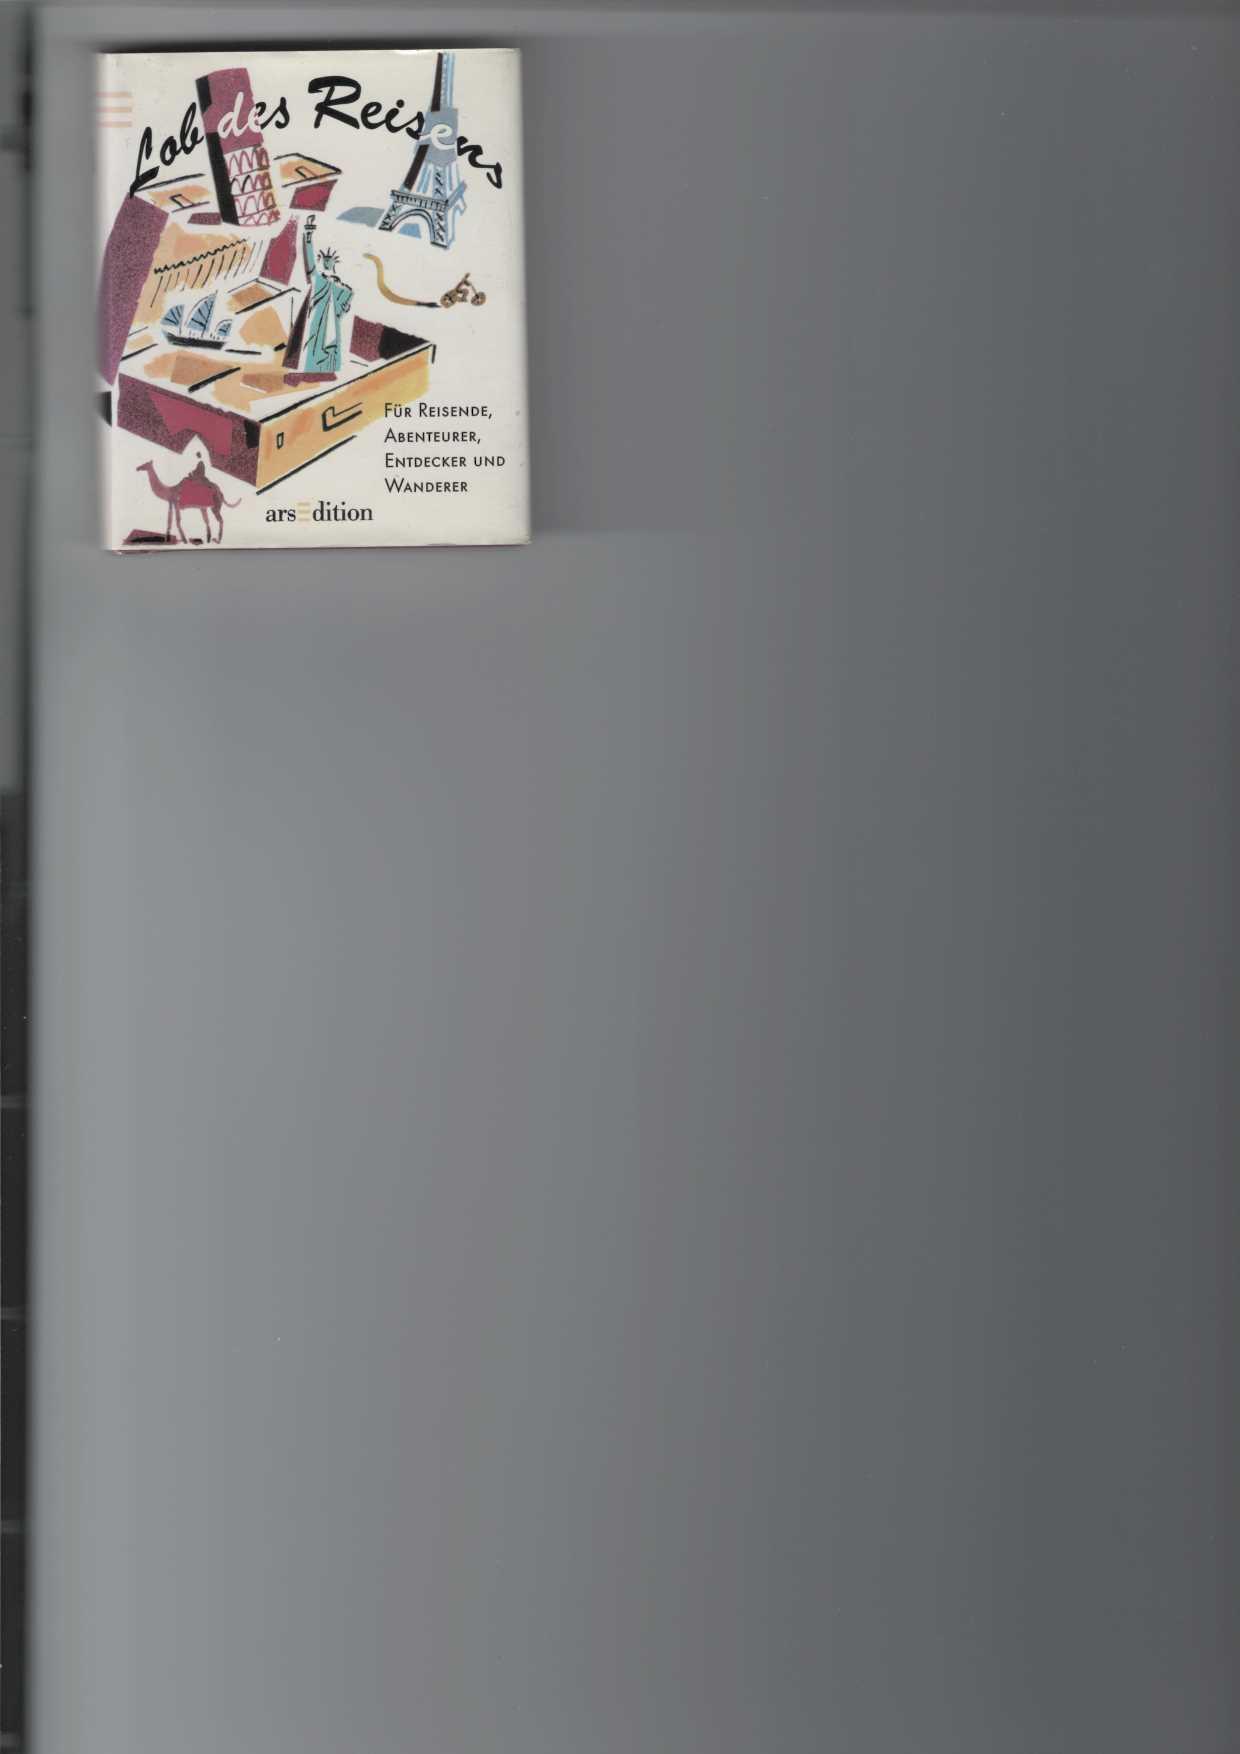 Lob des Reisens. Für Reisende, Abenteurer, Entdecker und Wanderer. Deutsche Textfassung: Gisela Schilling, Illustrationen: Sarah McMenemy, , Reihe: minilipri,